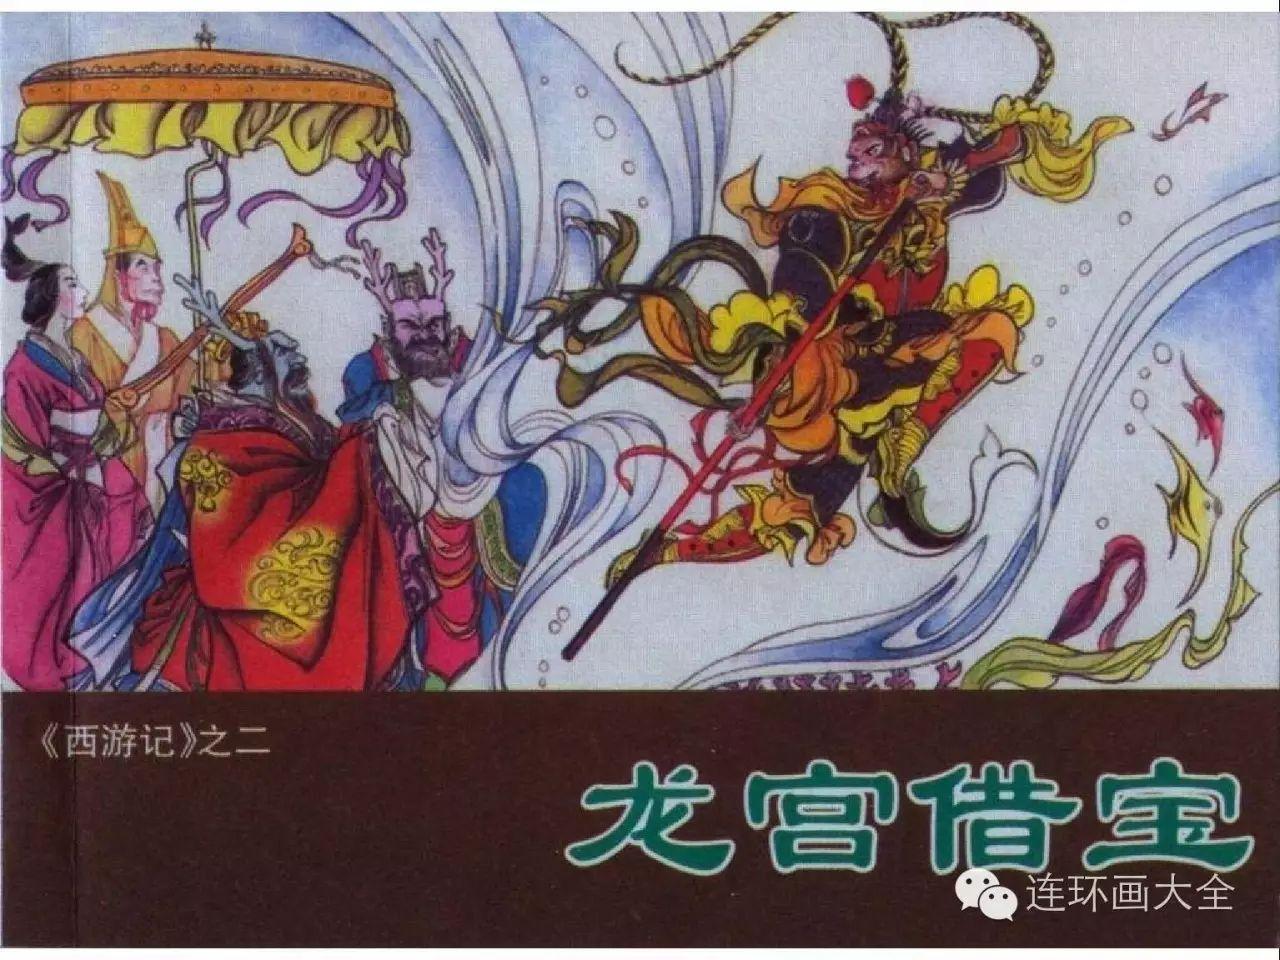 连环画[2.龙宫借宝]西游记系列